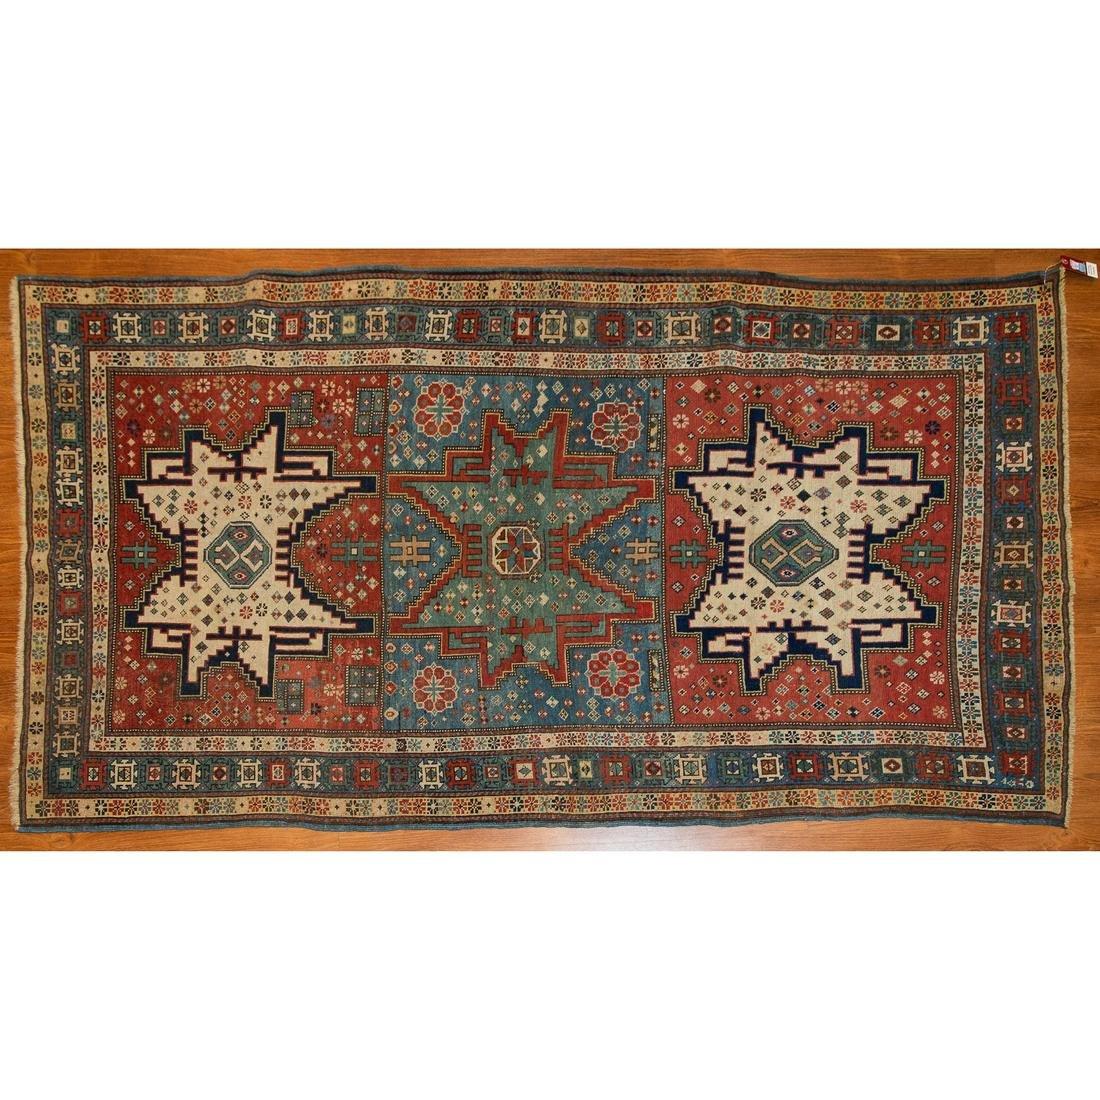 Antique Shirvan Rug, Caucasus, 3.7 x 6.6